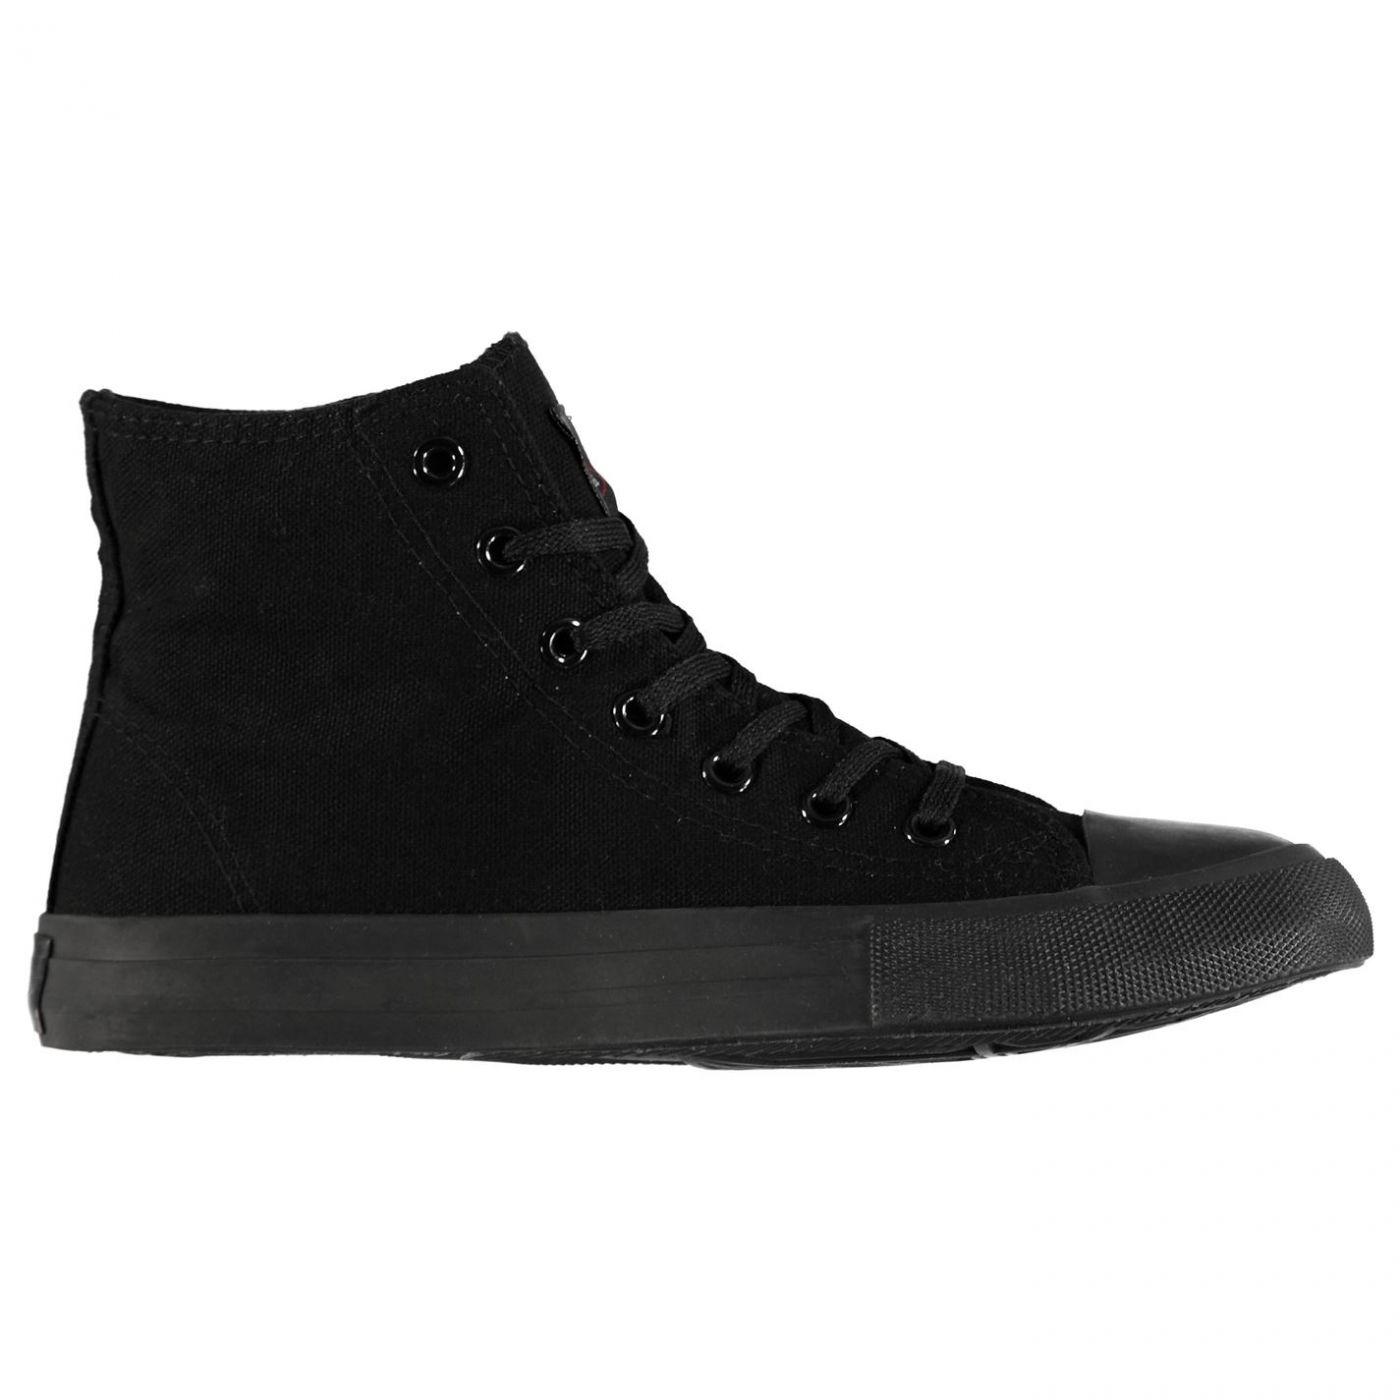 Lee Cooper C Cvs Hi Shoes Jnr98